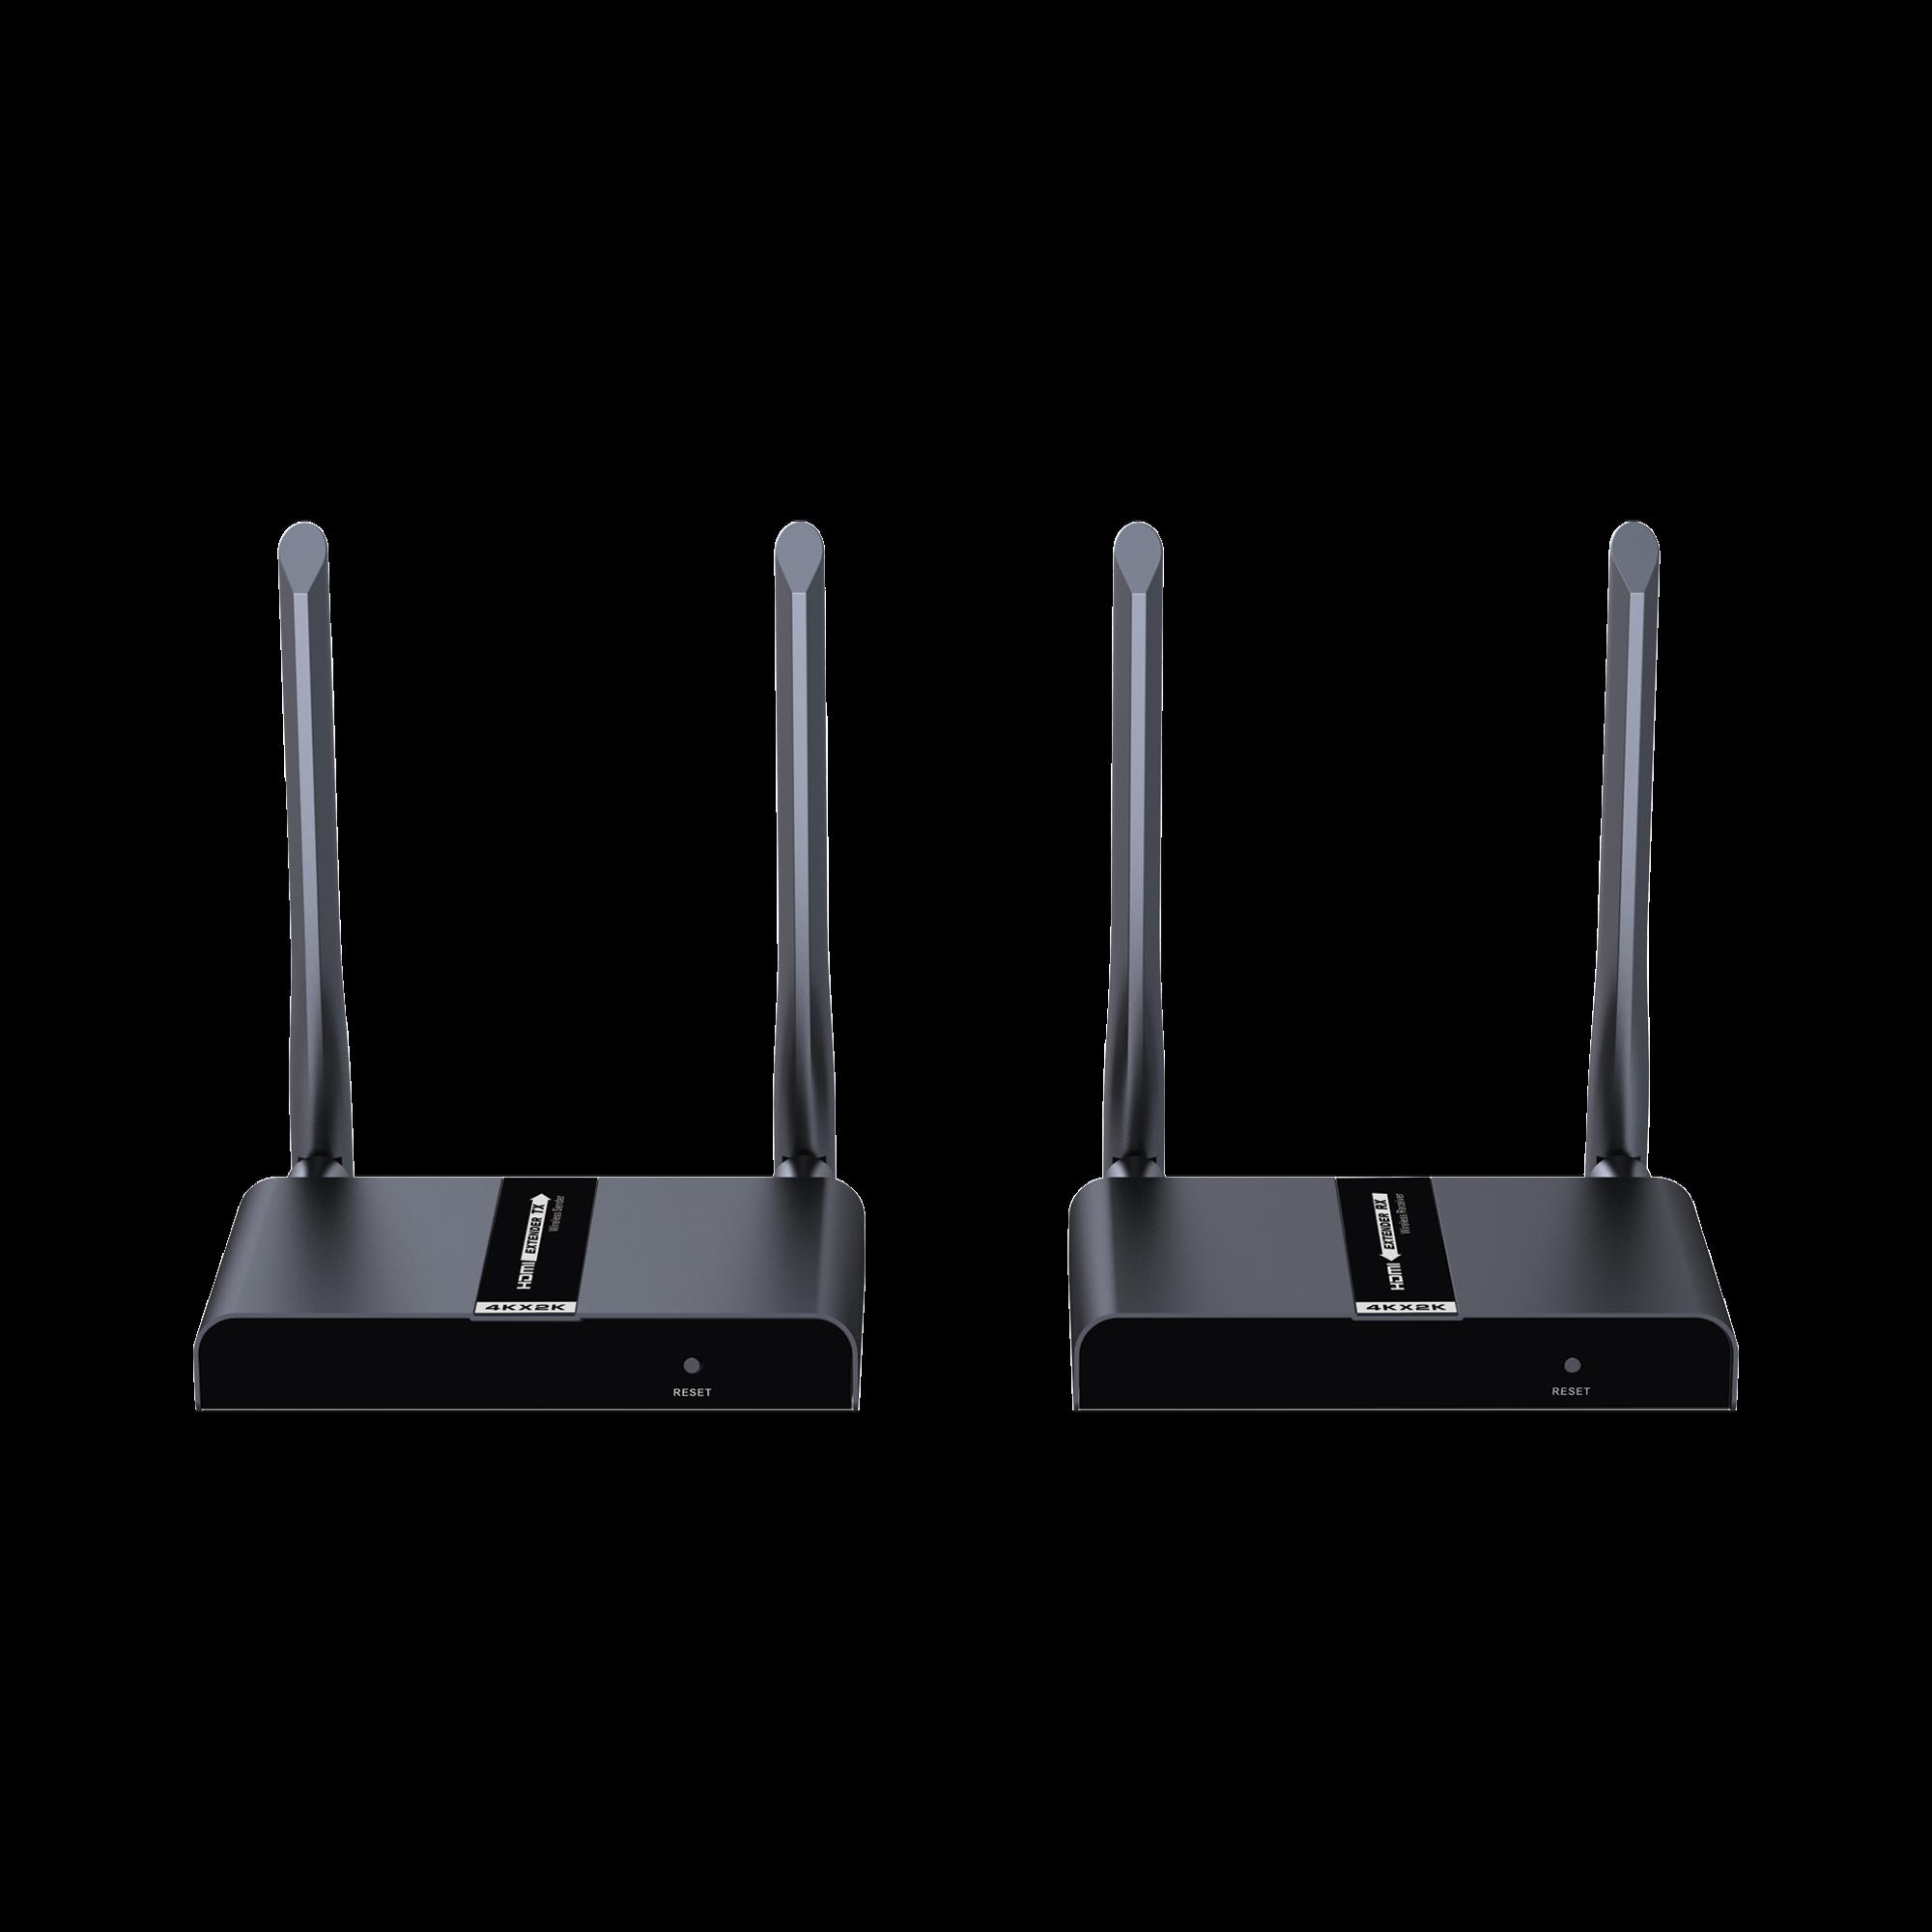 Kit extensor inalámbrico HDMI de 50 metros, protocolo HDbitT, control IR, 4K x 2K @ 30 Hz, compatible con HDCP.